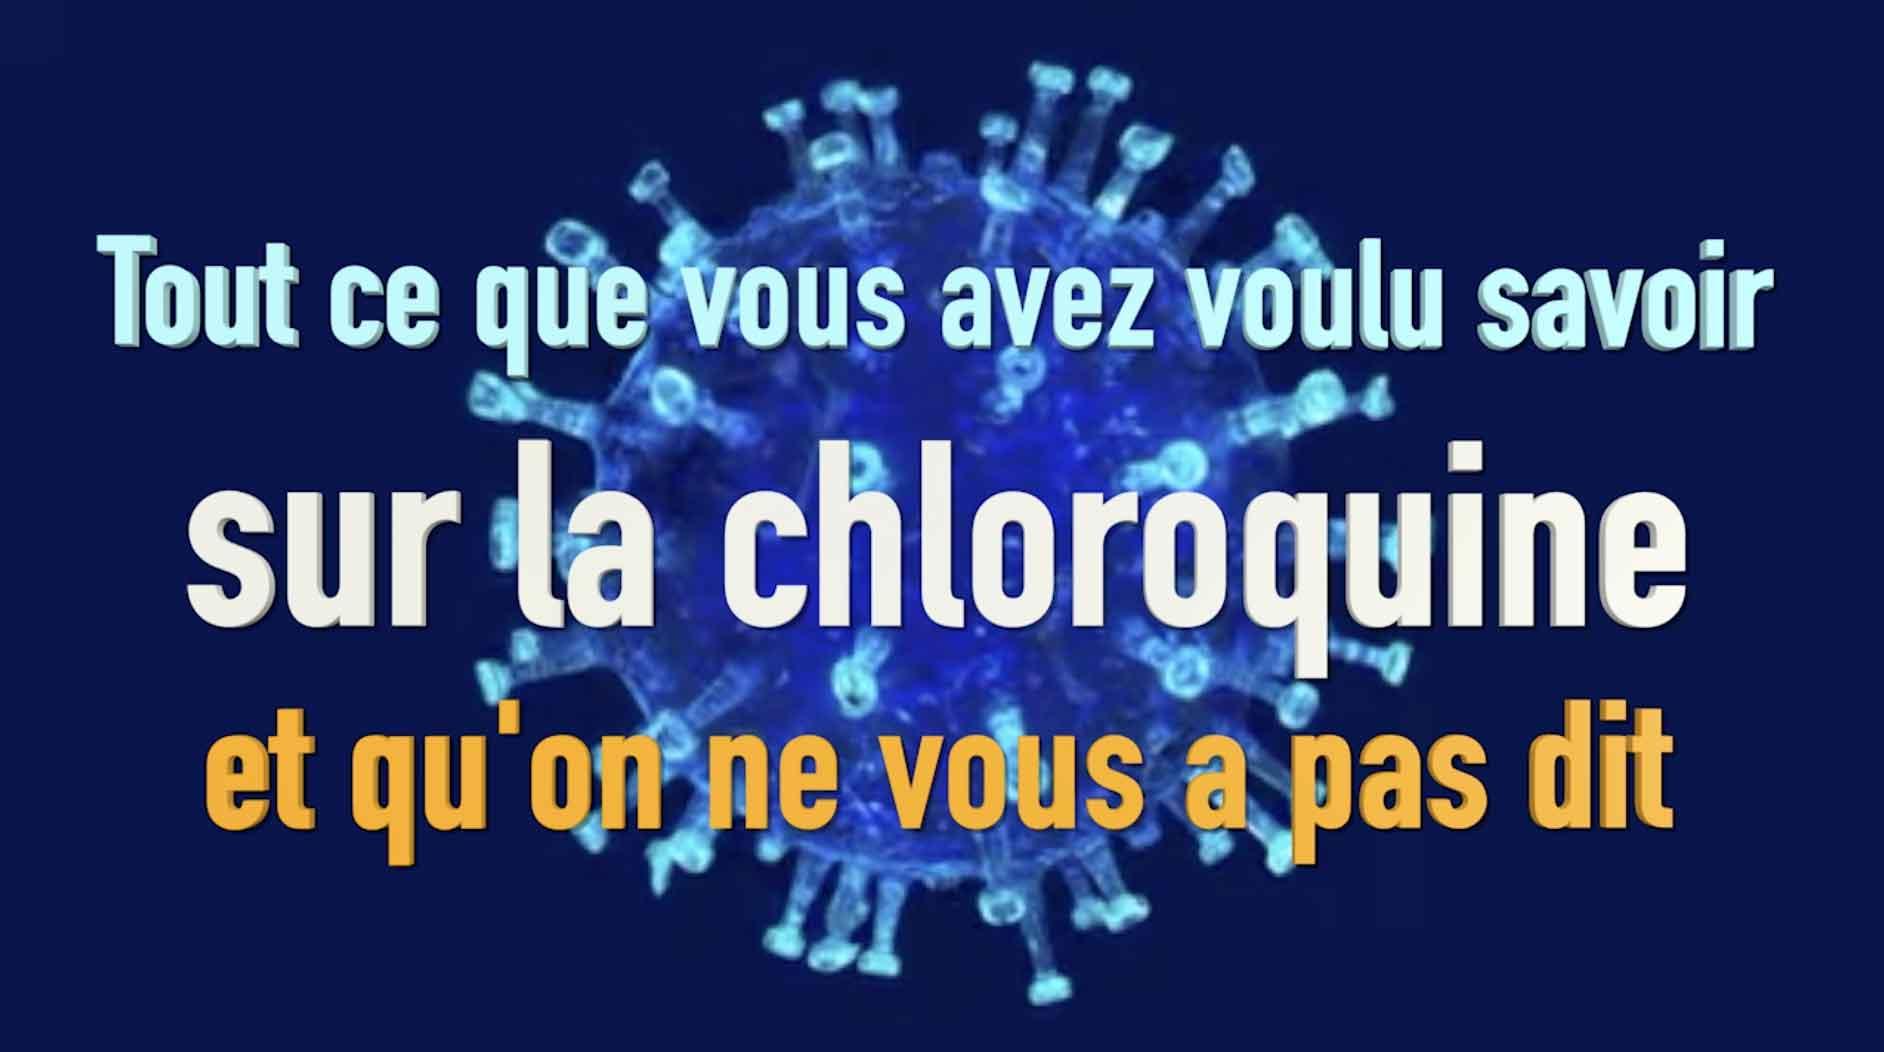 Chloroquine-didier-raoult-buzyn-levy-salomon